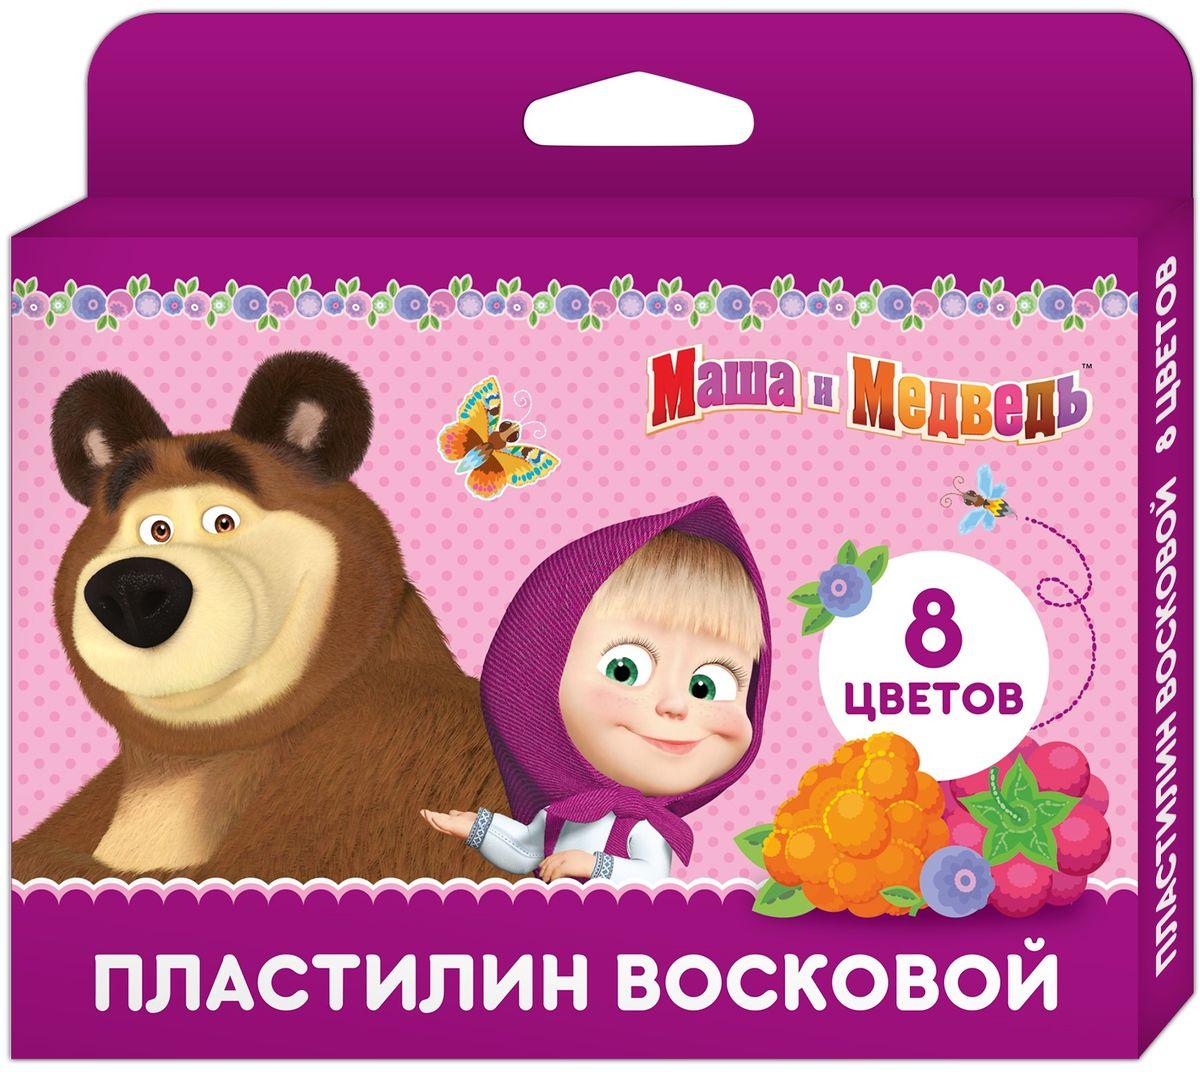 Маша и Медведь Пластилин 8 цветов34191Яркий восковой пластилин Маша и Медведь поможет вашему малышу создавать не только прекрасные поделки, но и рисунки. Изготовленный на основе природного воска и натуральных наполнителей, он обладает особой мягкостью и пластичностью: легко разминается и моделируется детскими пальчиками, не пачкается, не прилипает к рукам и рабочей поверхности, не крошится, не высыхает, хорошо держит форму, его цвета легко смешиваются друг с другом. Создавайте новые цвета и оттенки, лепите, рисуйте и экспериментируйте, развивая у ребенка мелкую моторику, тактильное восприятие формы, веса и фактуры, воображение и пространственное мышление. А любимые герои будут вдохновлять юного мастера на новые творческие идеи. В наборе Маша и Медведь 8 ярких цветов воскового пластилина в брусках по 15 г и пластиковая стека. Товар сертифицирован и безопасен при использовании по назначению.